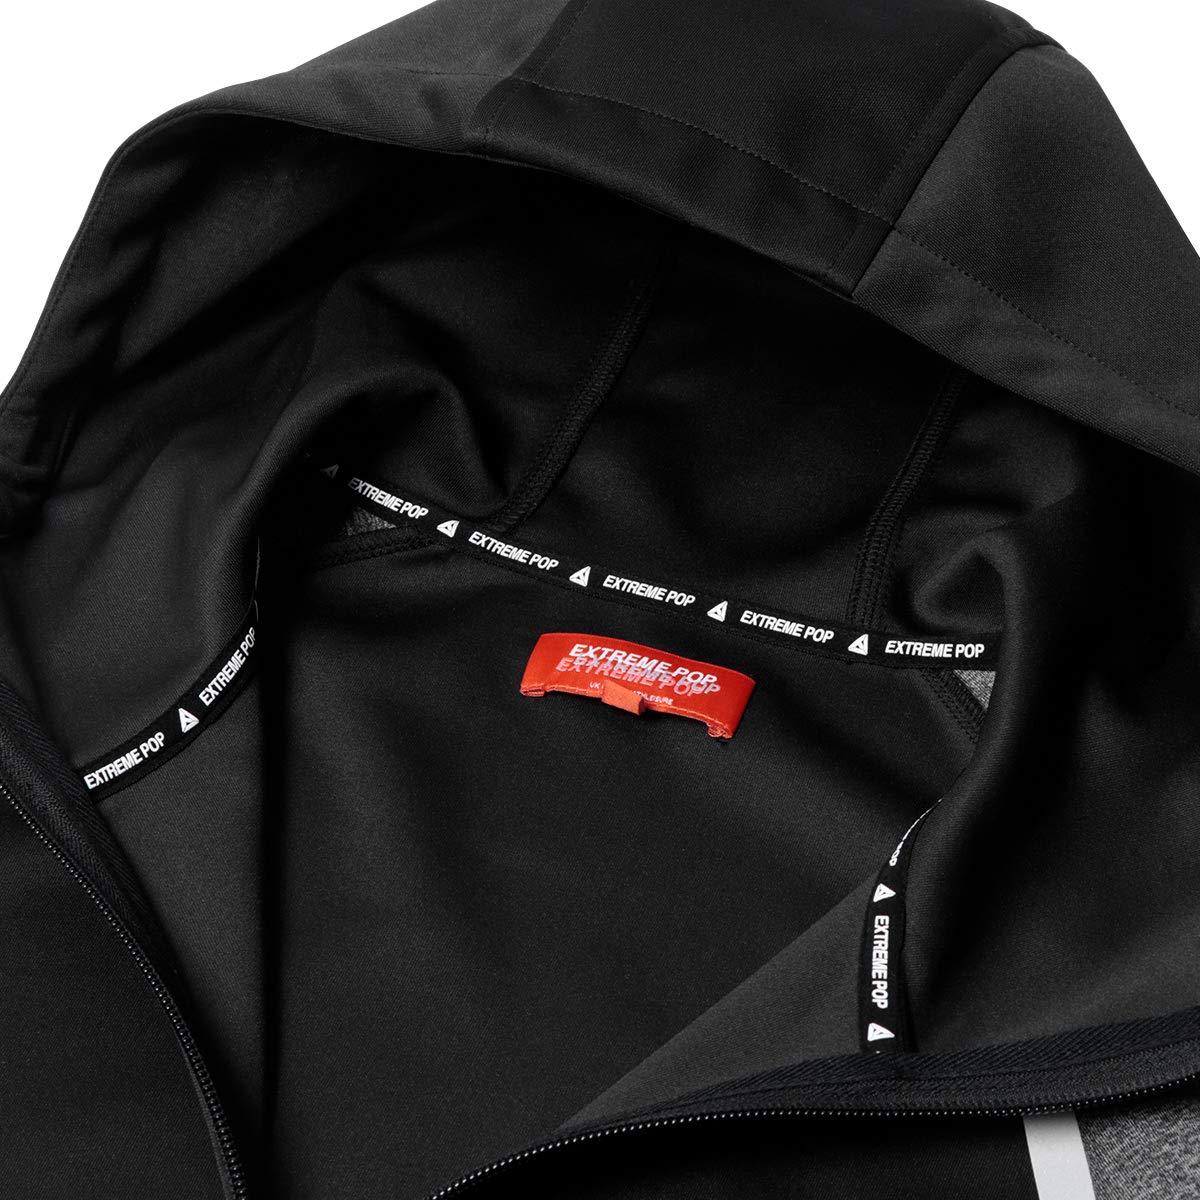 Amazon.com: Extreme Pop - Sudadera con capucha y cremallera ...